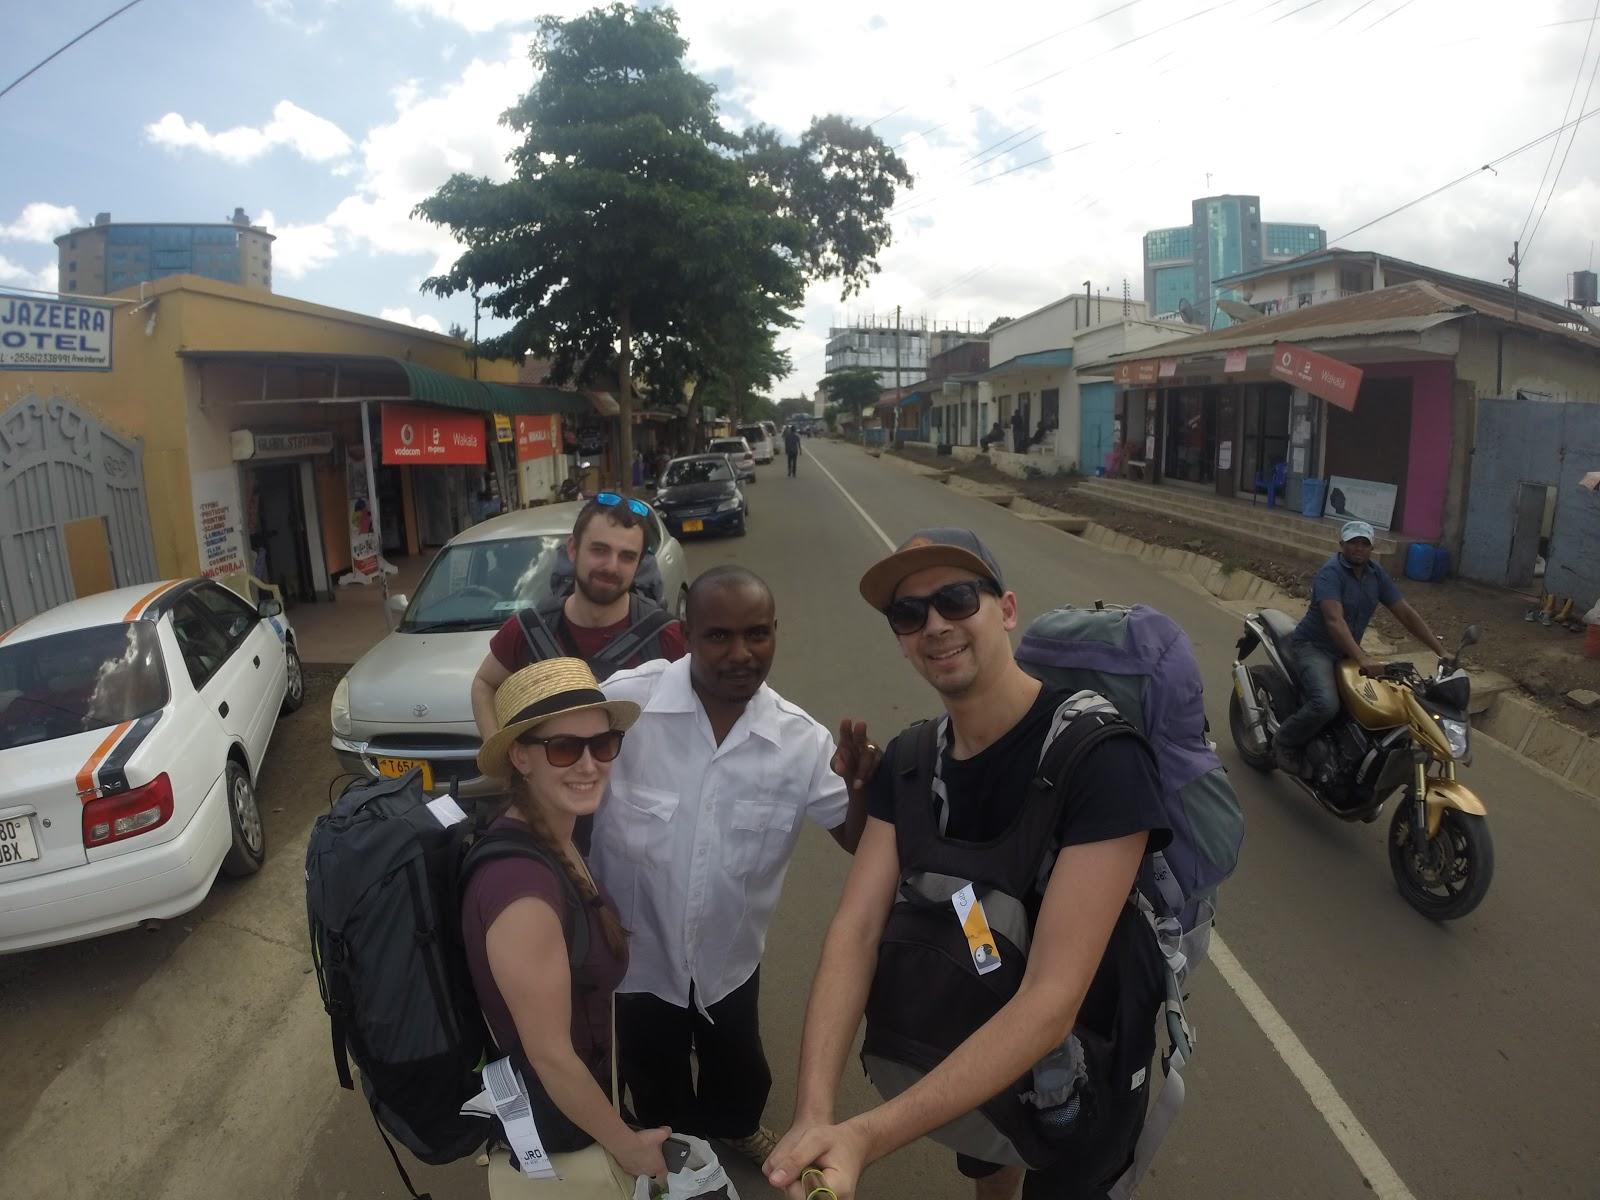 Taxikár, ktorý nás zaviezol z letiska do Arushe a pomohol nám nájsť hostel